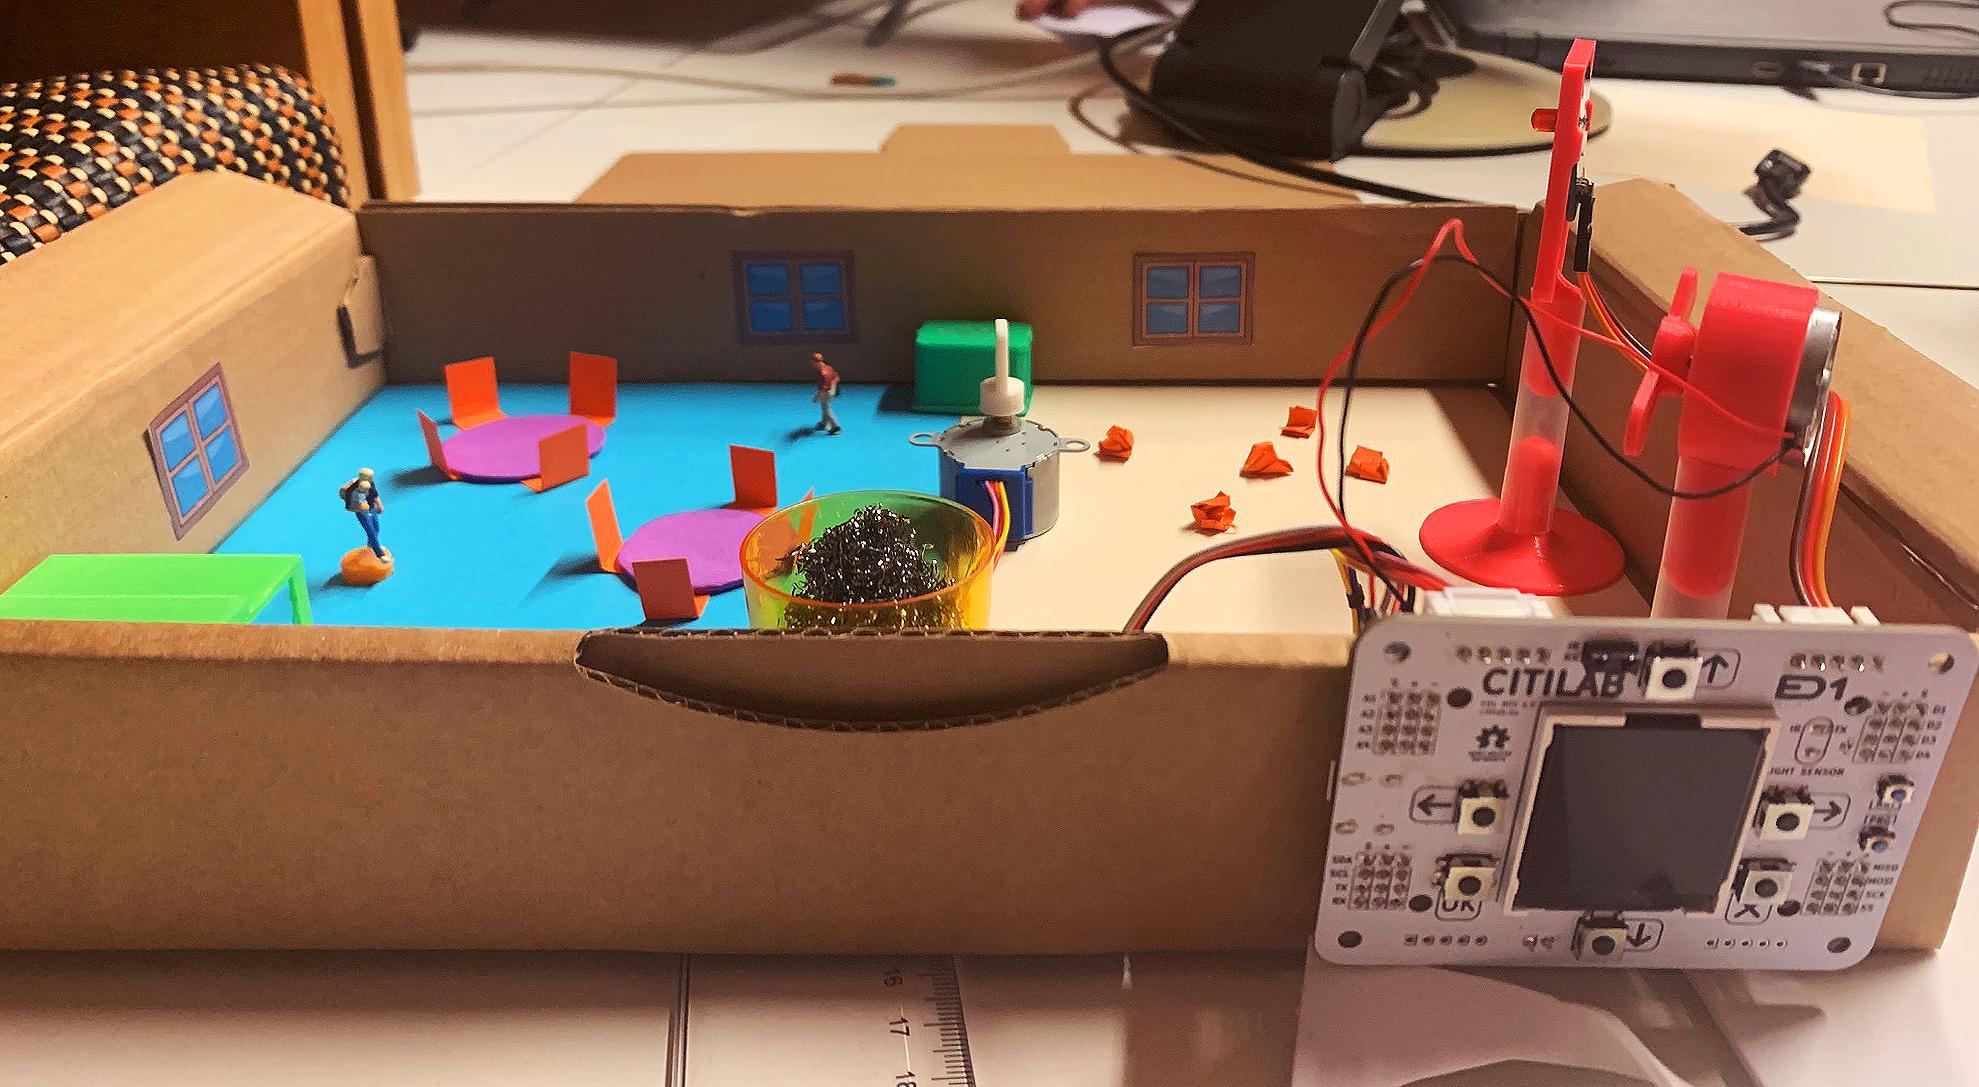 Alumnat De Primària Construeix La Maqueta D'una Escola Intel·ligent Amb El Projecte EduLab